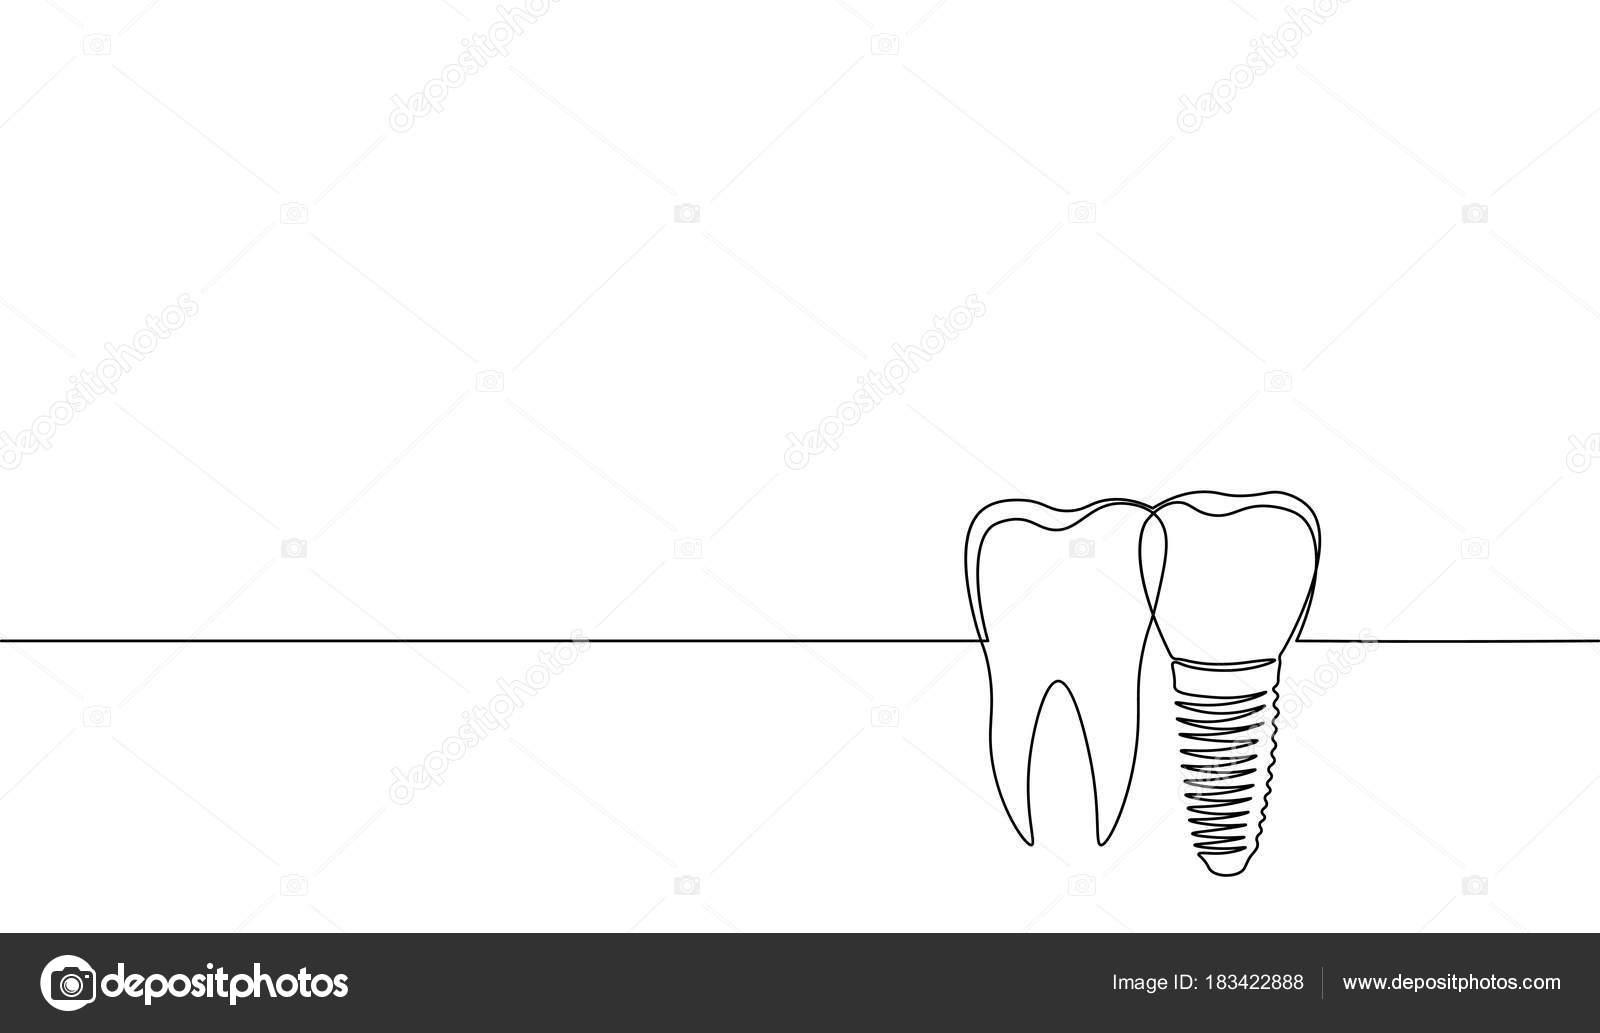 Sola línea continua arte anatómico del diente humano silueta ...